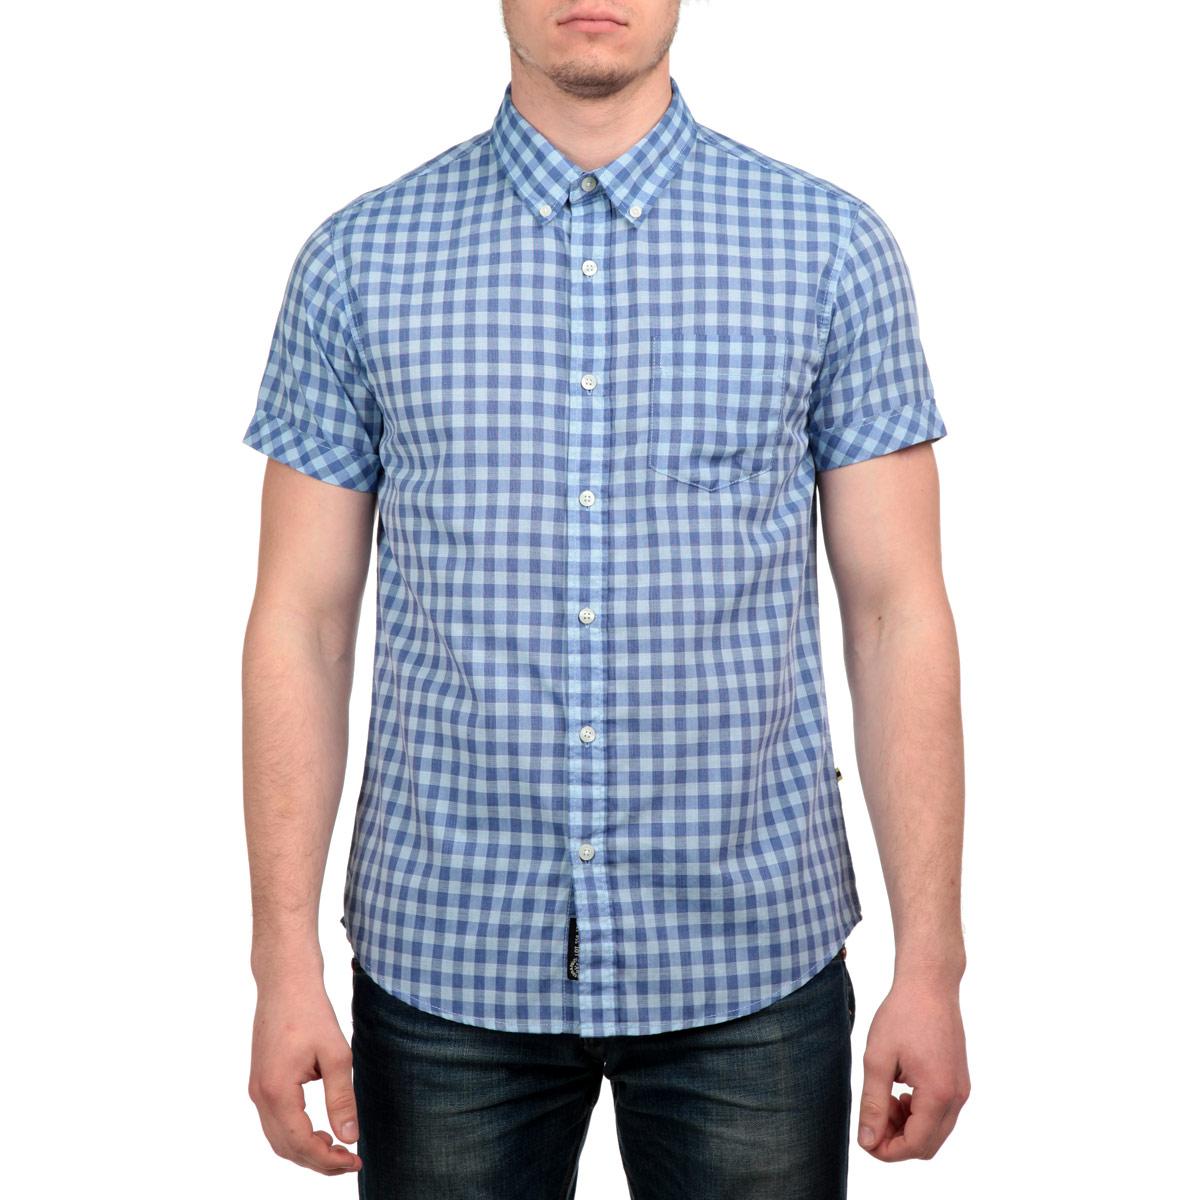 10152780 37AСтильная мужская рубашка Broadway, изготовленная из высококачественного материала, необычайно мягкая и приятная на ощупь, не сковывает движения и позволяет коже дышать, не раздражает даже самую нежную и чувствительную кожу, обеспечивая наибольший комфорт. Модная рубашка прямого кроя, с короткими рукавами, отложным воротником и полукруглым низом застегивается на пуговицы. На груди изделие дополнено накладным карманом. Эта рубашка идеальный вариант для повседневного гардероба. Такая модель порадует настоящих ценителей комфорта и практичности!